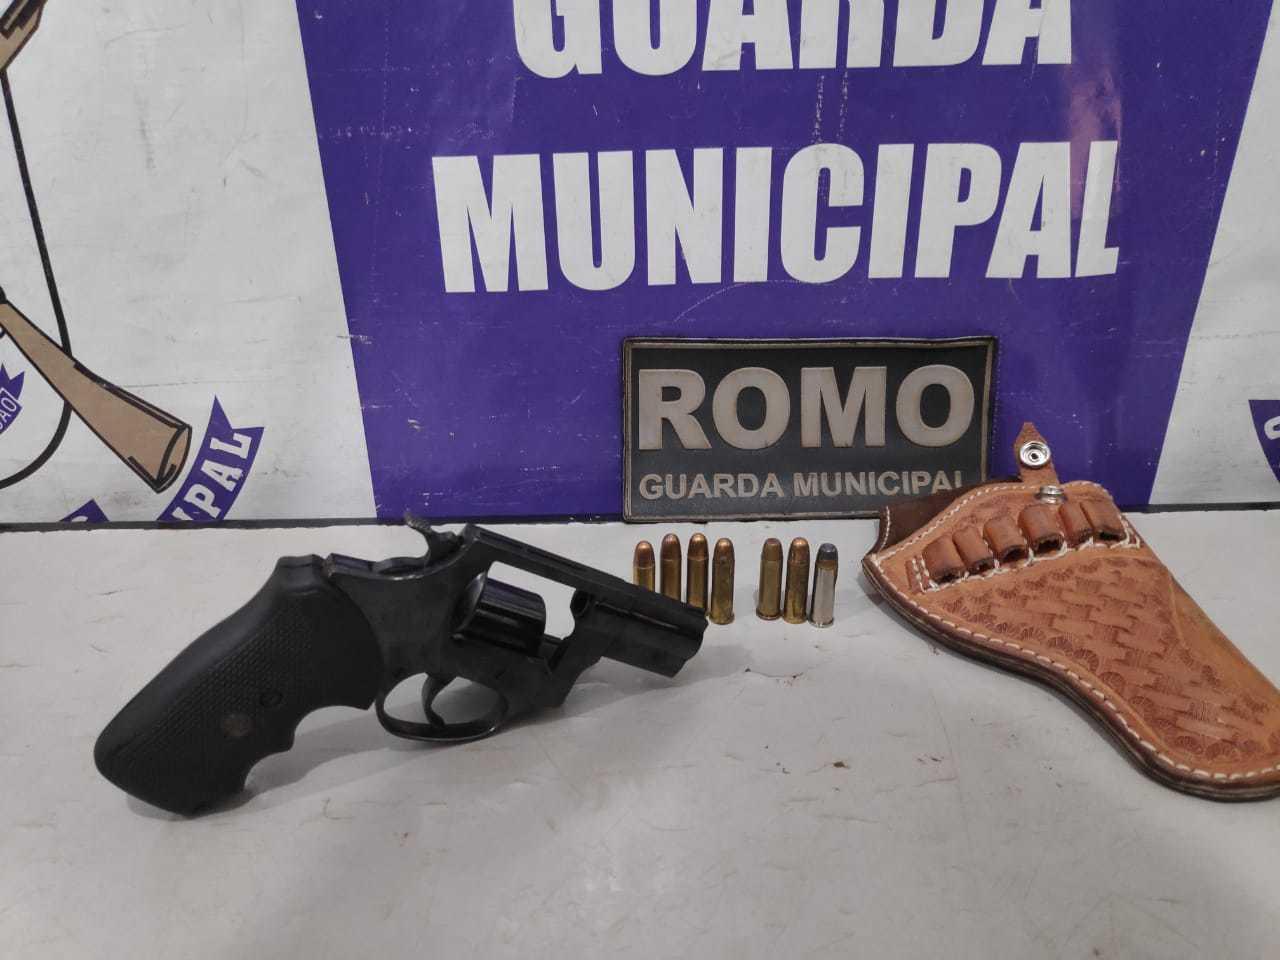 Arma e munições apreendidas com o morador. (Foto: Adilson Domingos)